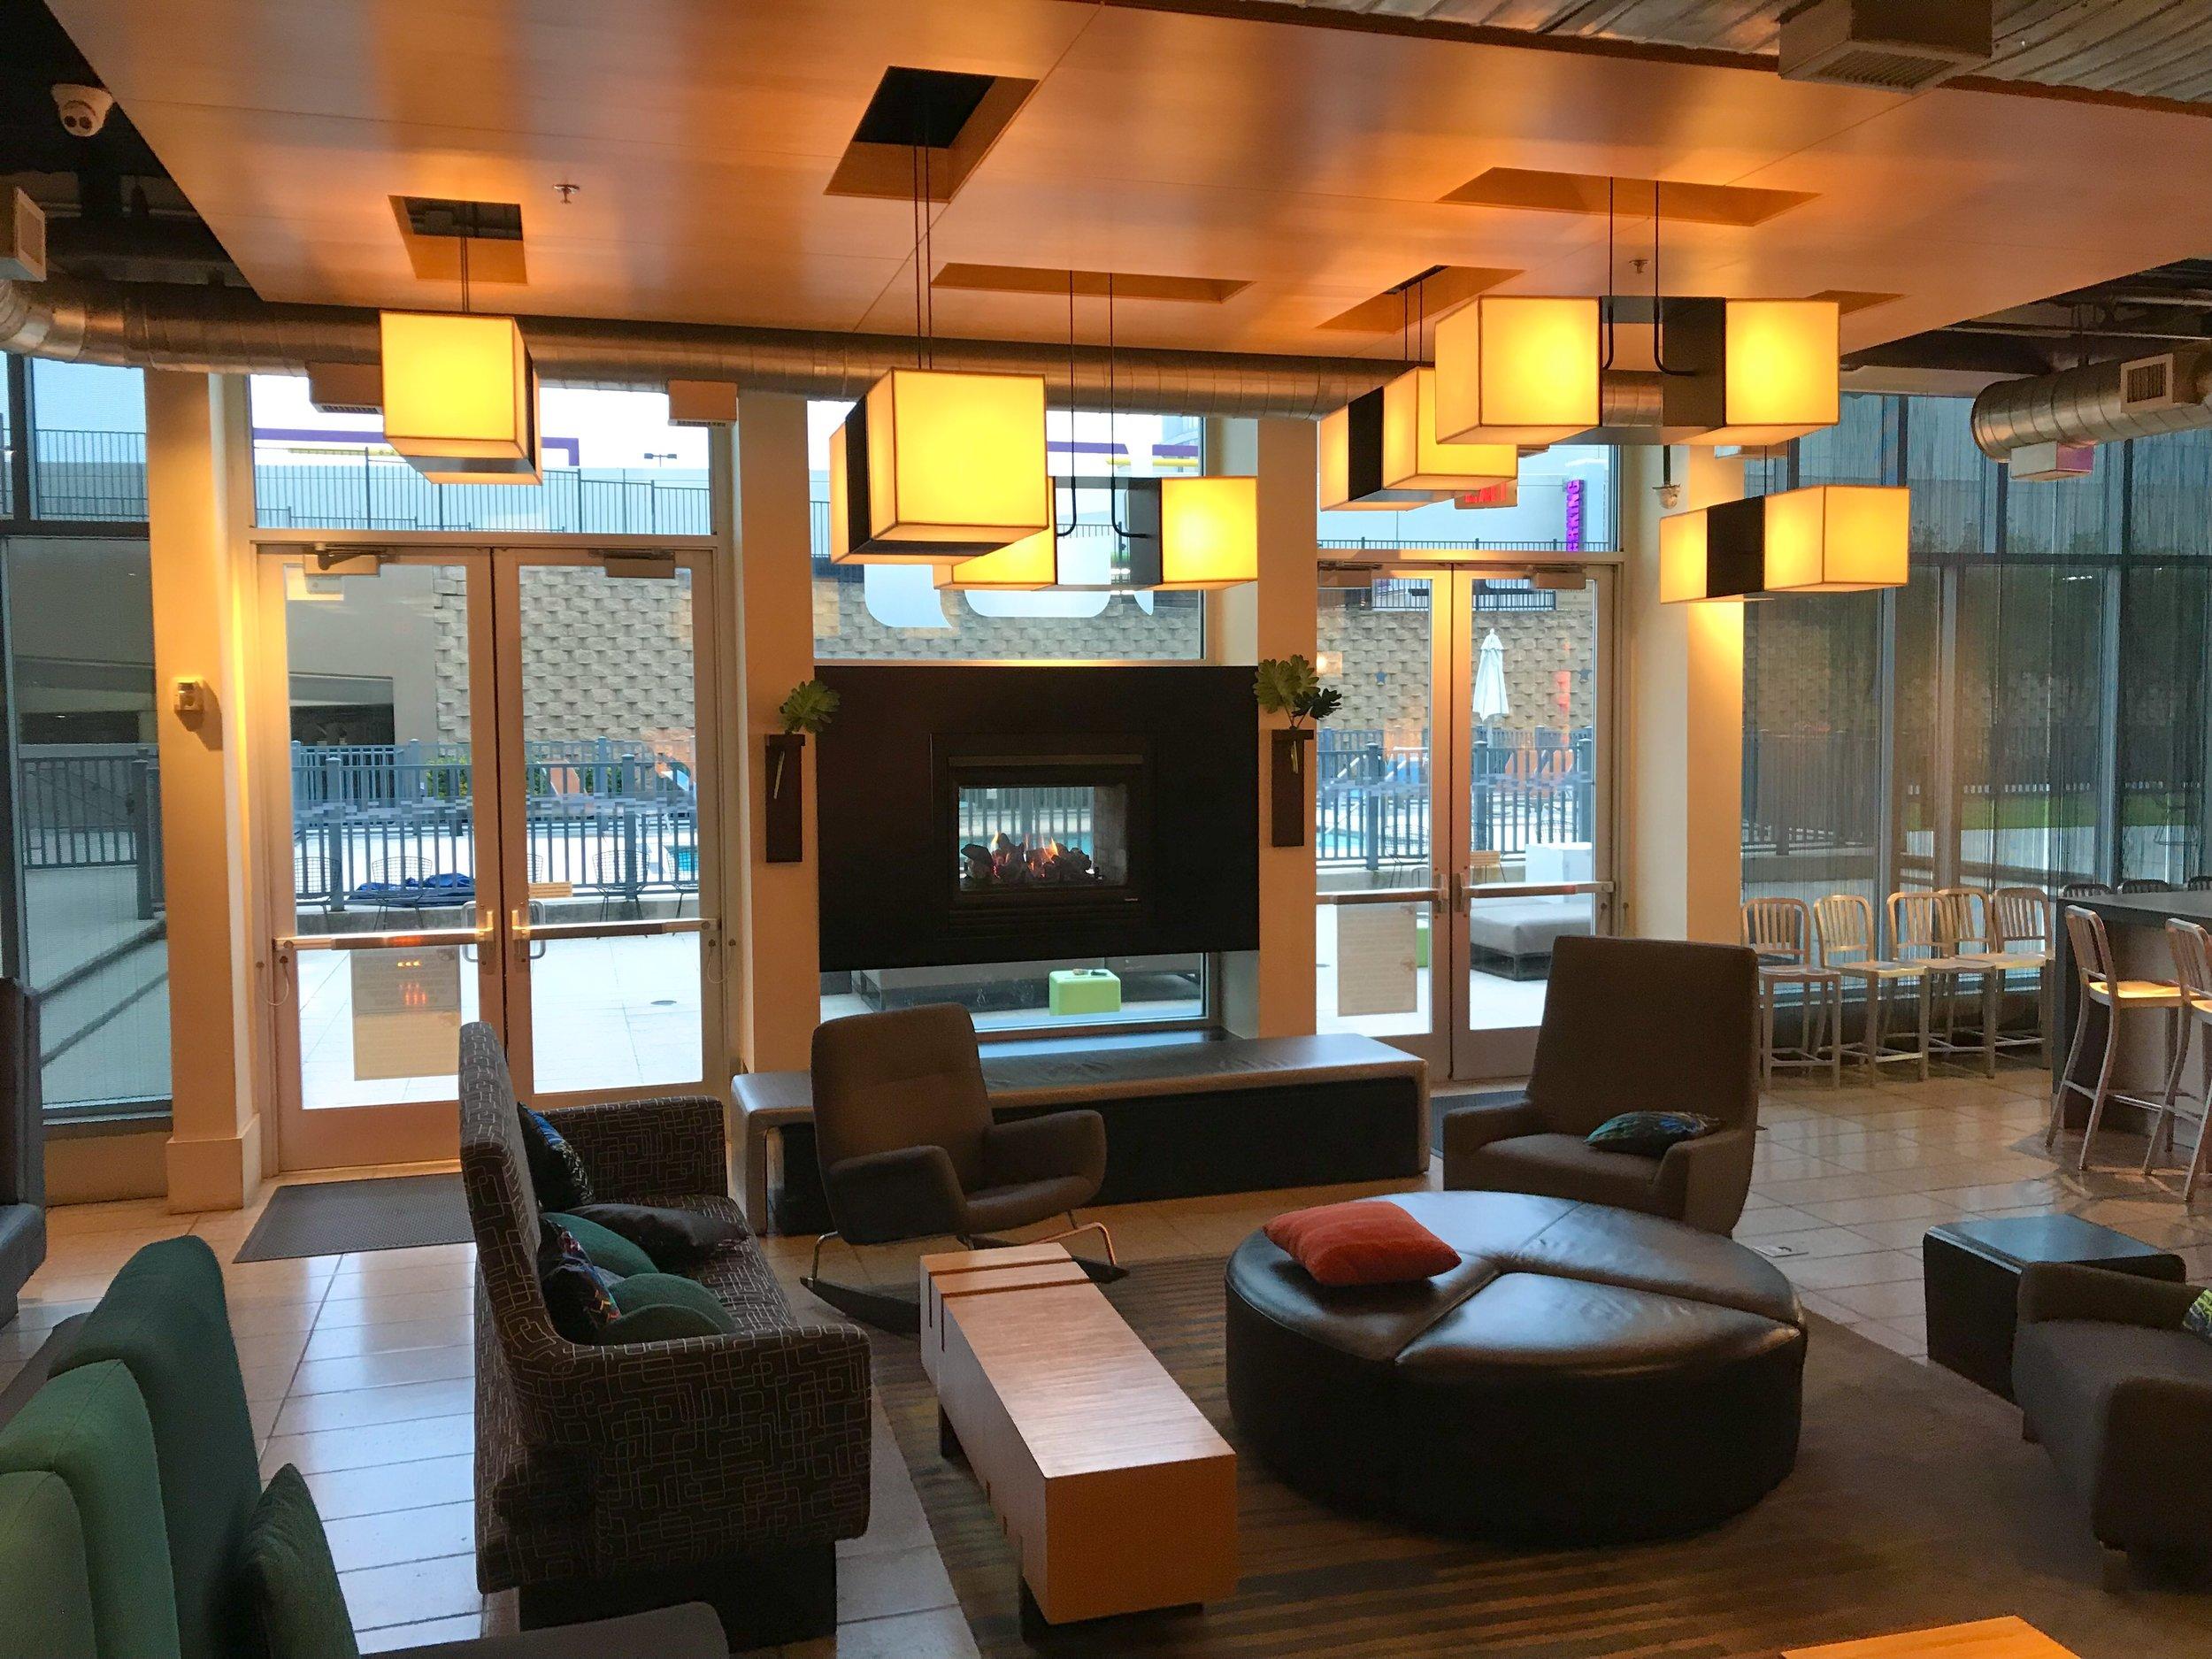 The lobby had a very modern feel.